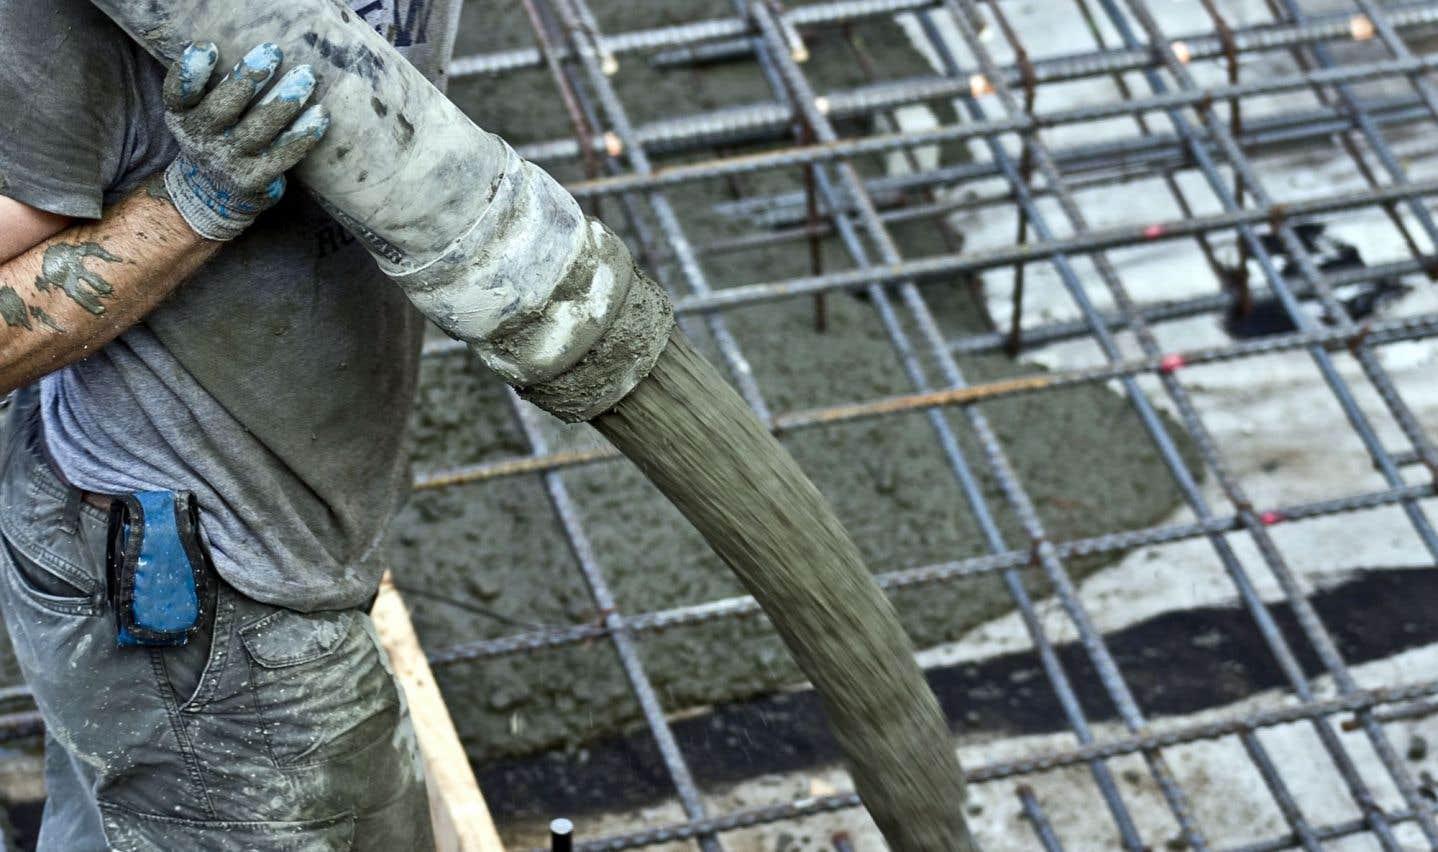 Les travailleurs de Ciment Lafarge ont pu éviter l'instauration d'un régime de retraite moins avantageux pour les nouveaux employés, contrairement à ceux de Brault & Martineau.